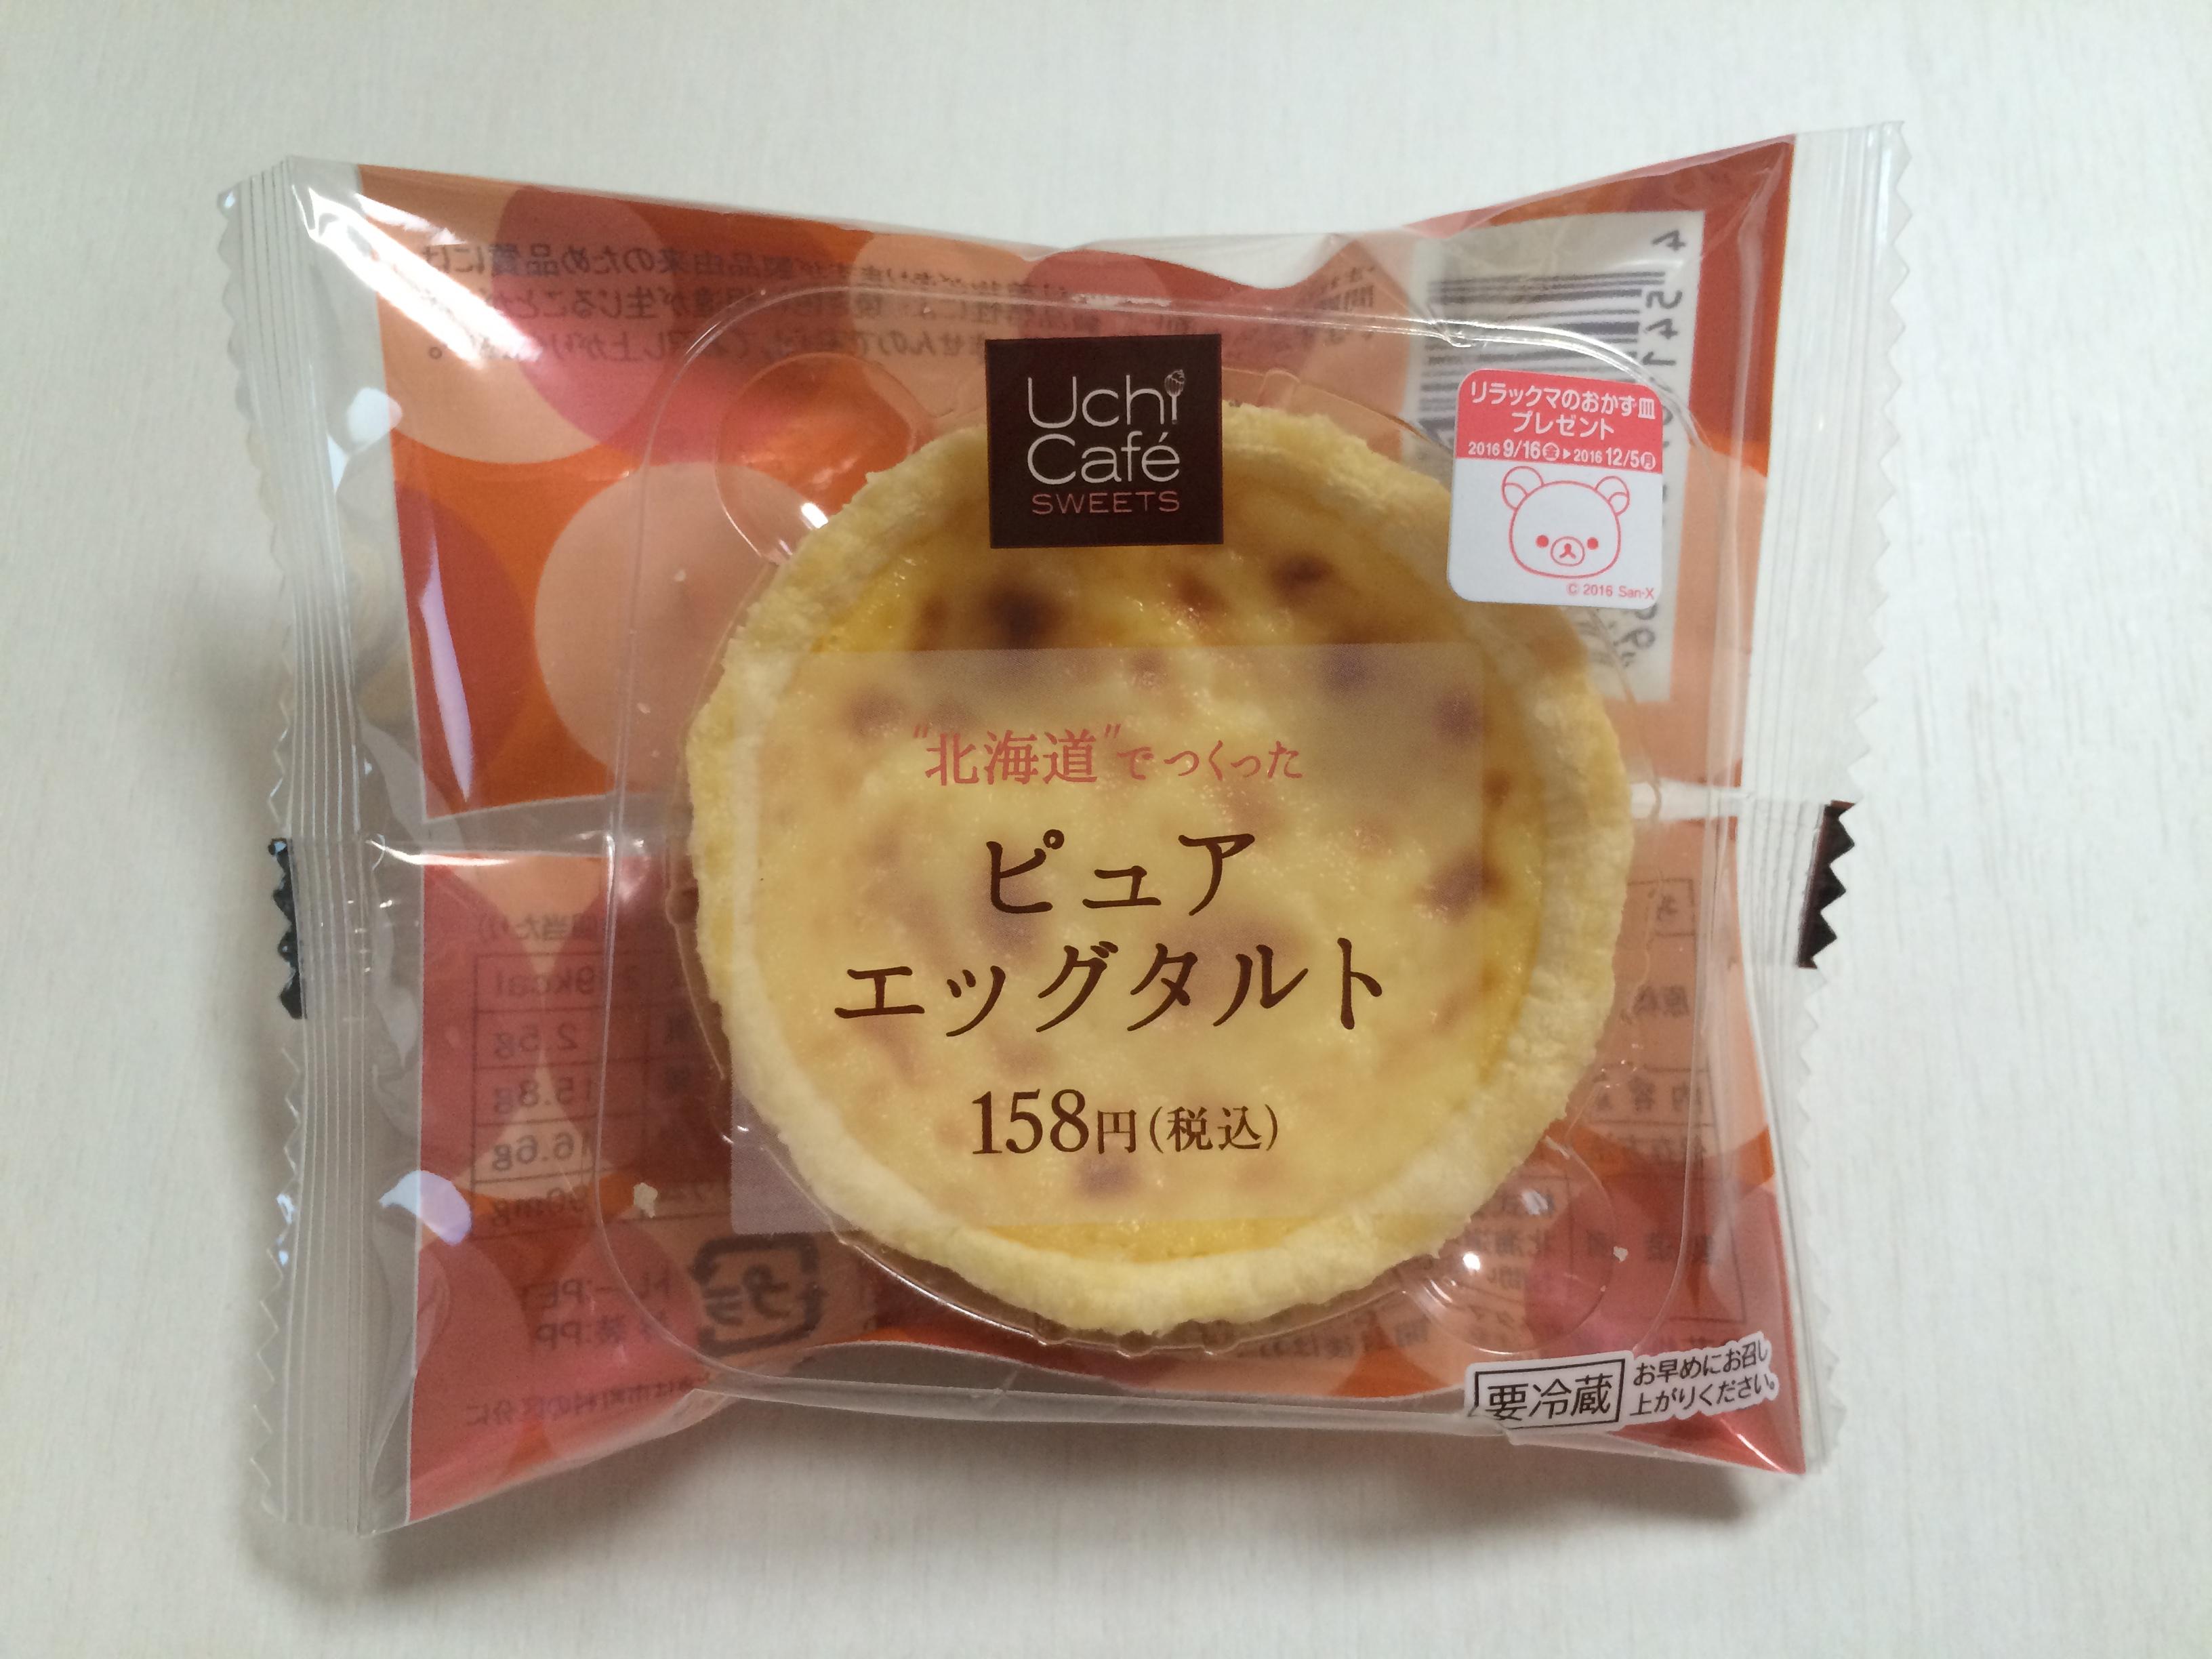 【ローソン】ピュアエッグタルト 食べた感想